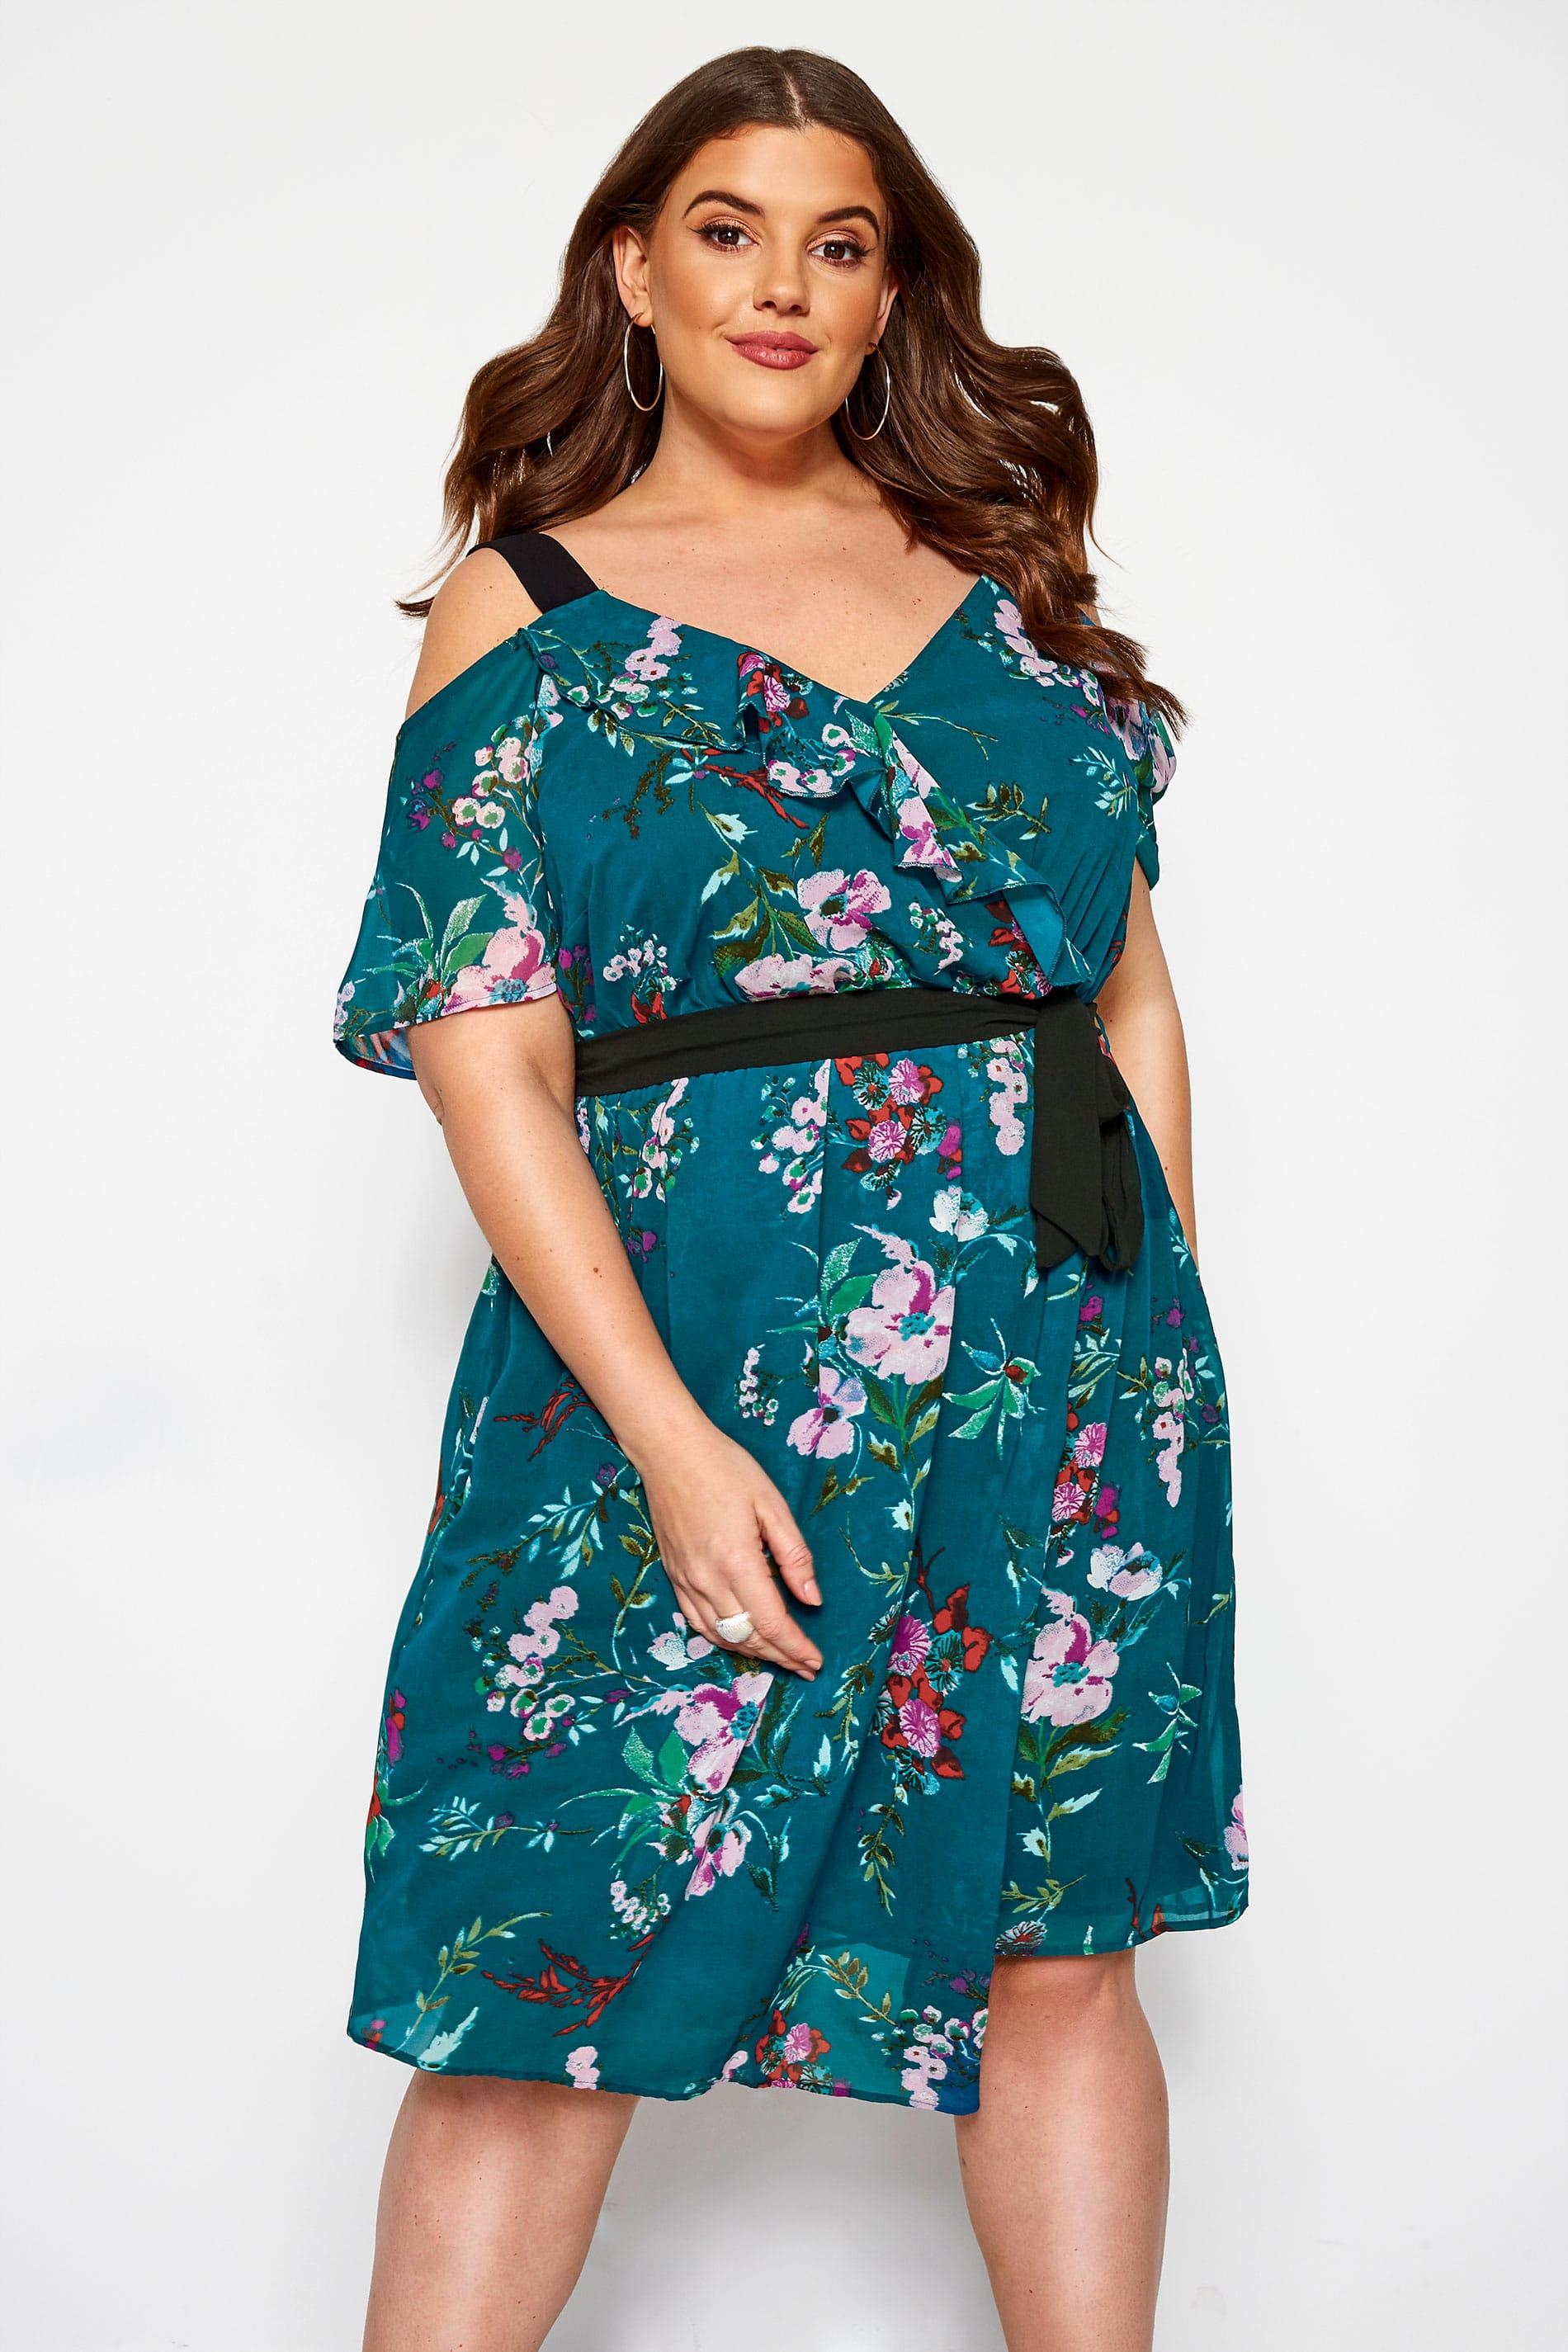 KOKO Teal Floral Cold Shoulder Dress